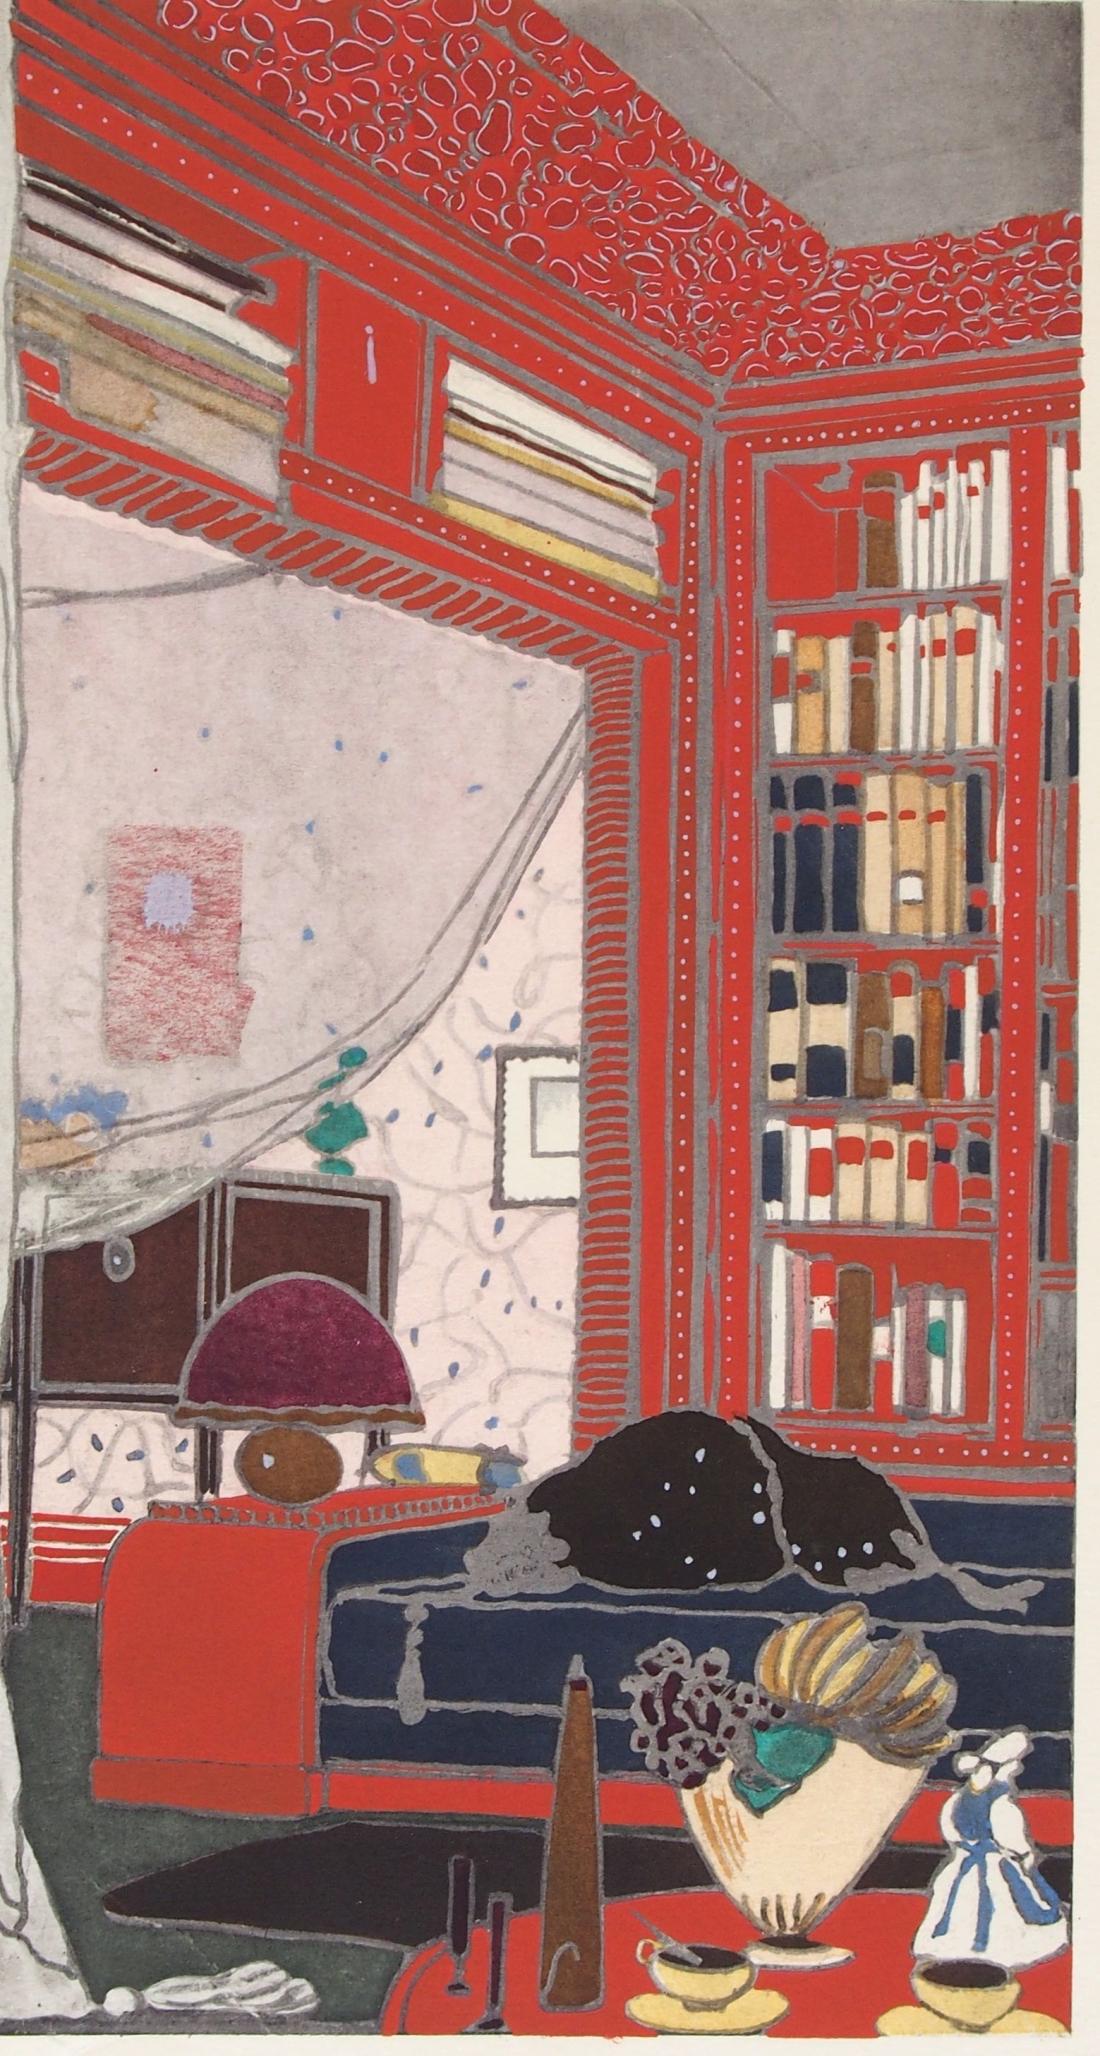 Boudoir-Bibliothèque. 1918. Plate 12.